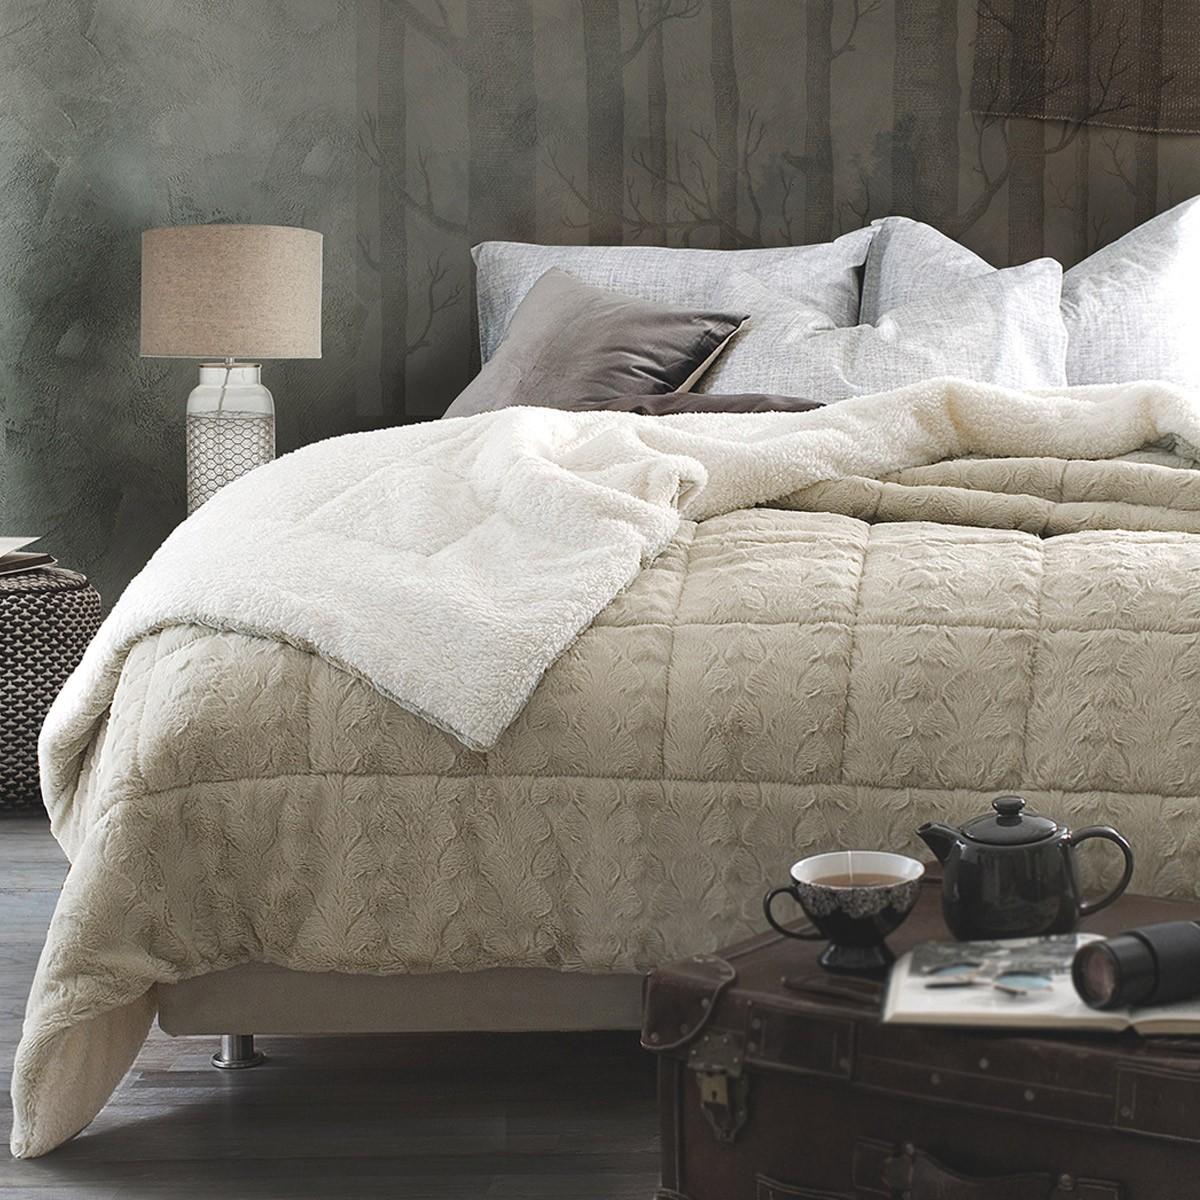 Κουβερτοπάπλωμα Υπέρδιπλο Rythmos Nocturne home   κρεβατοκάμαρα   παπλώματα   κουβερτοπαπλώματα